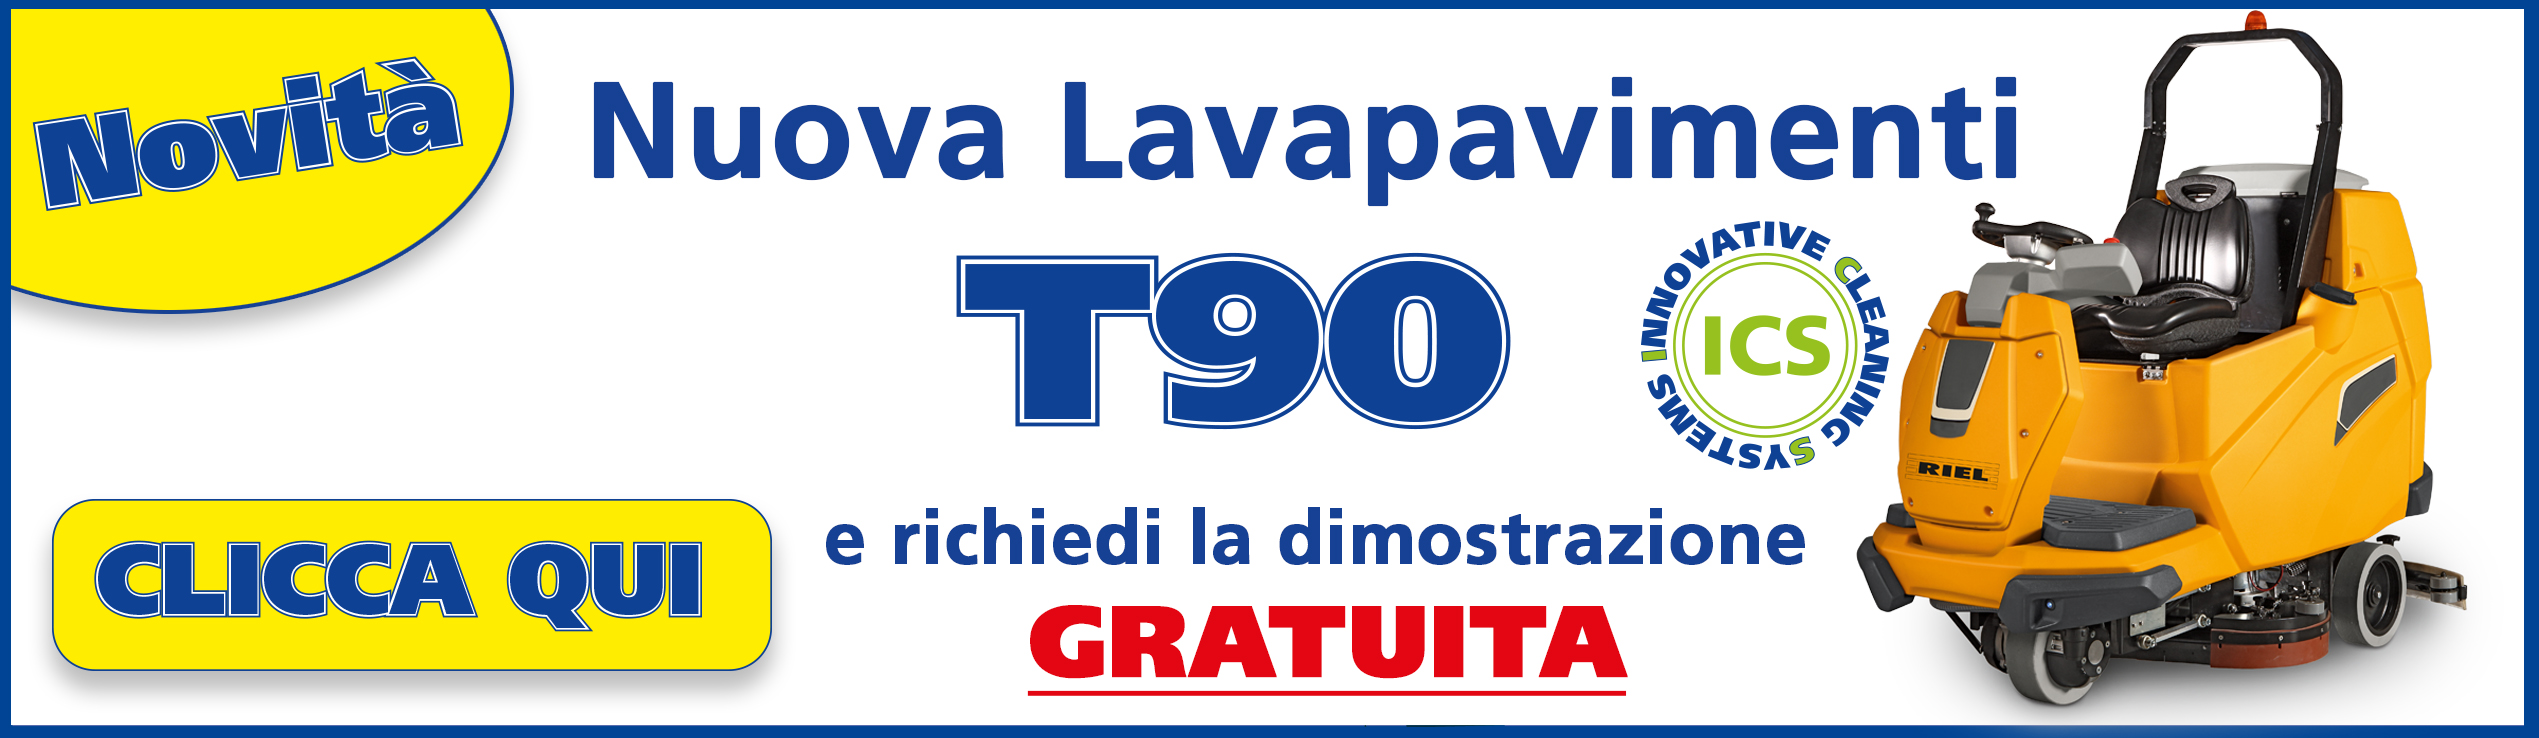 topaz-90